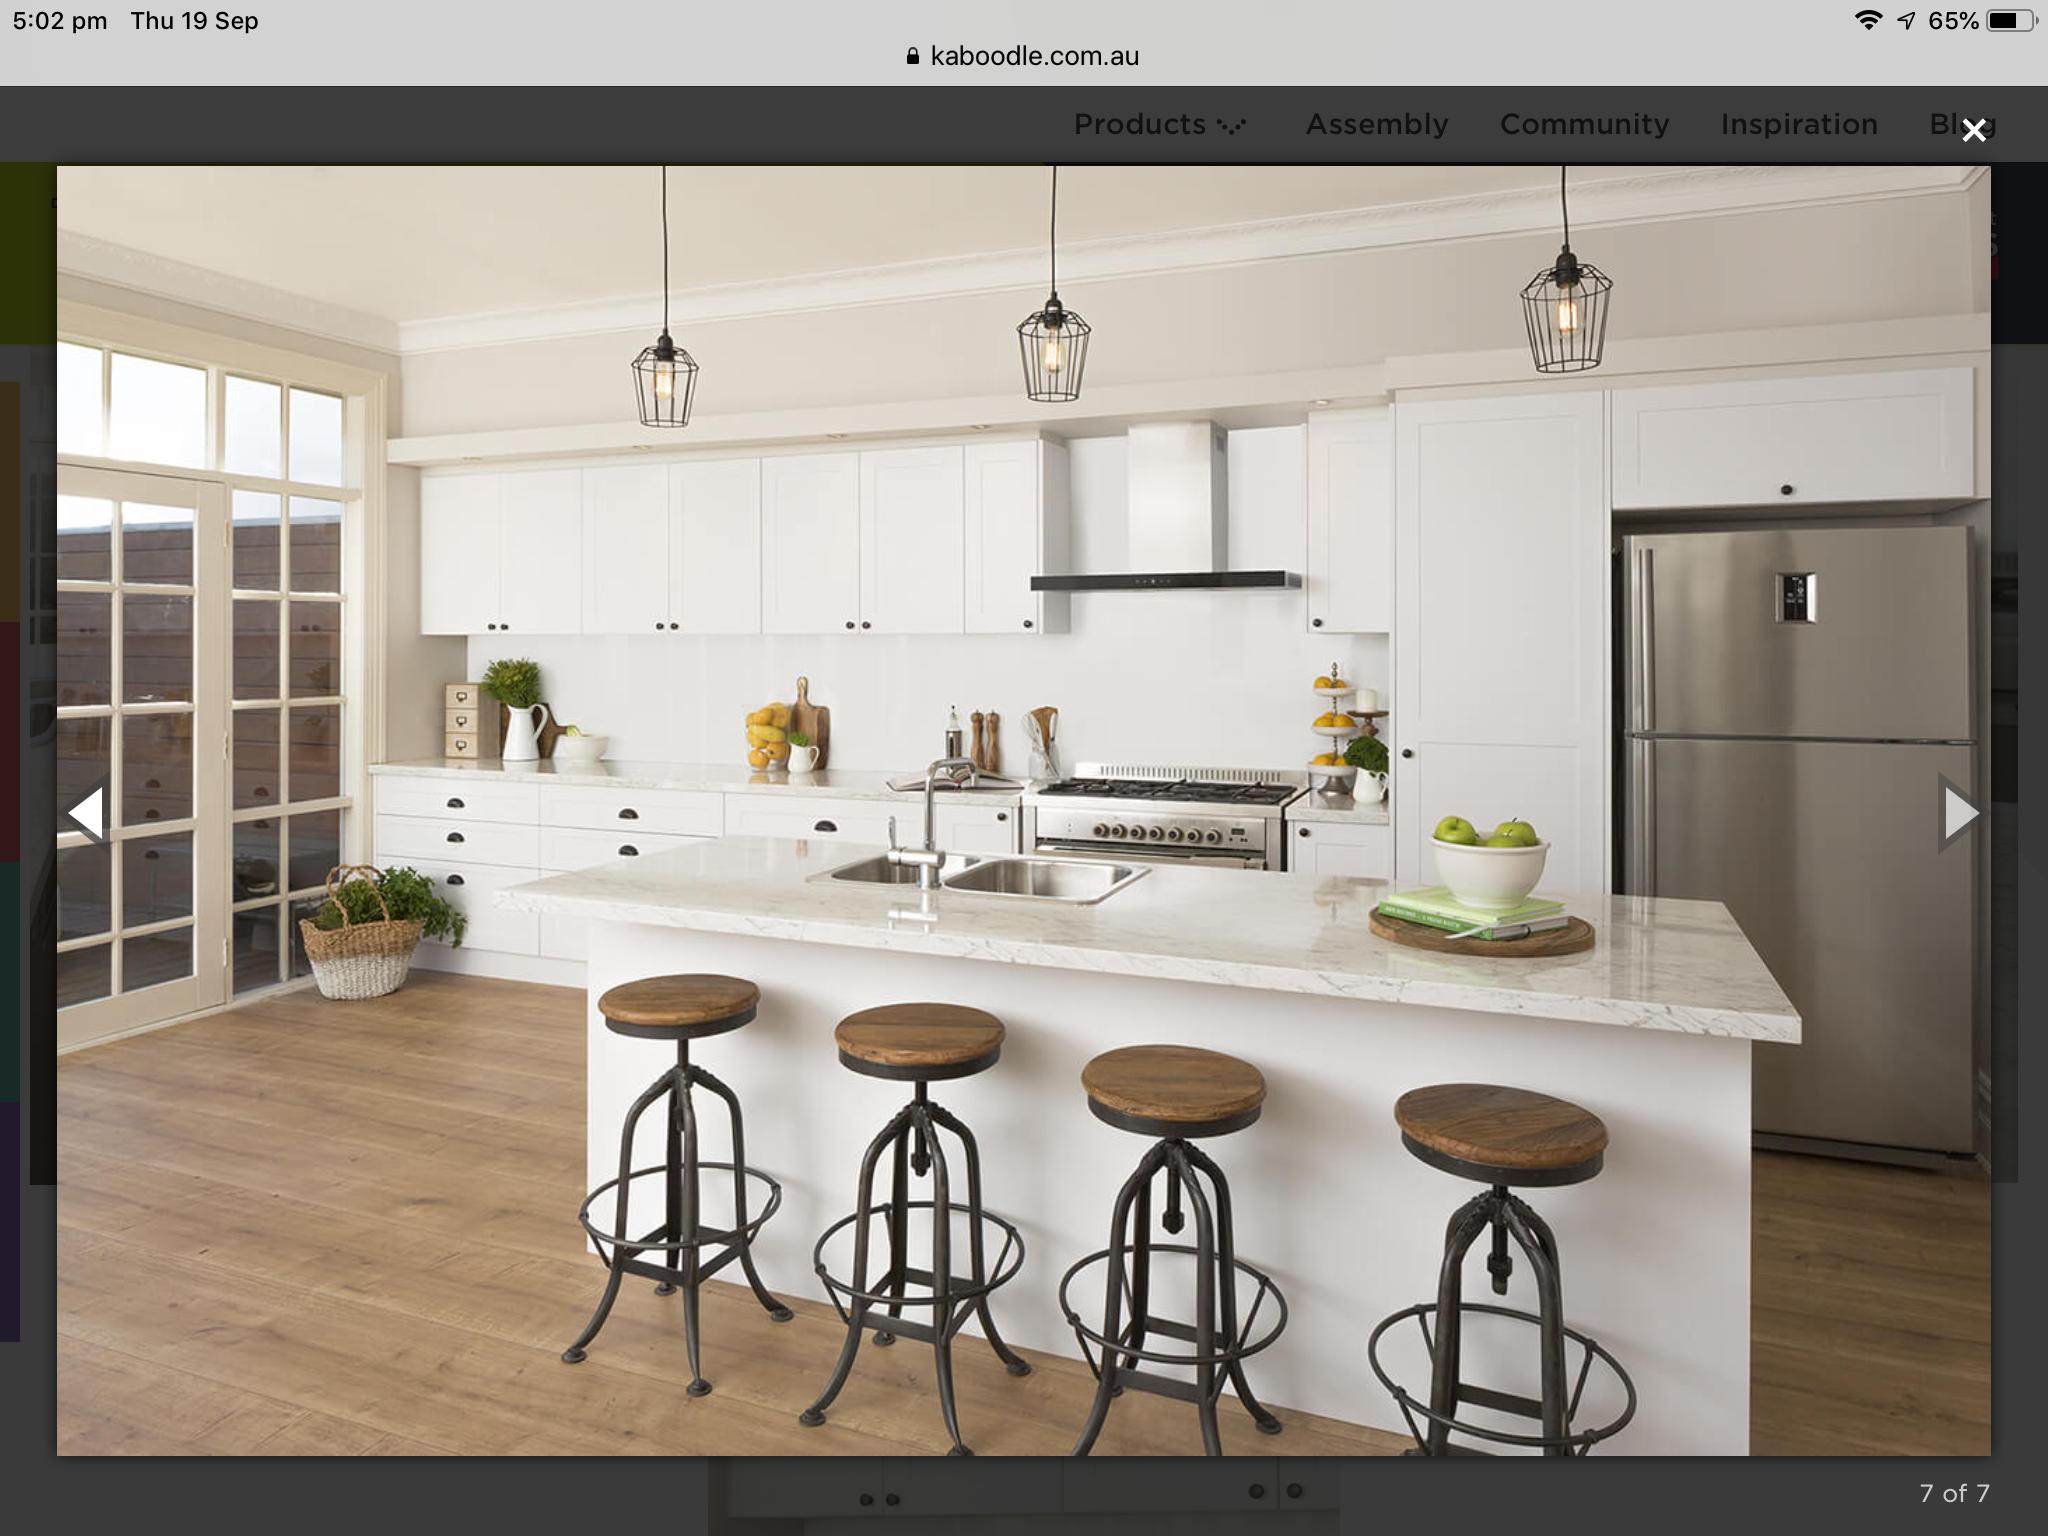 kaboodle kitchen inspirations kitchen layout kitchen design on kaboodle kitchen design id=53147